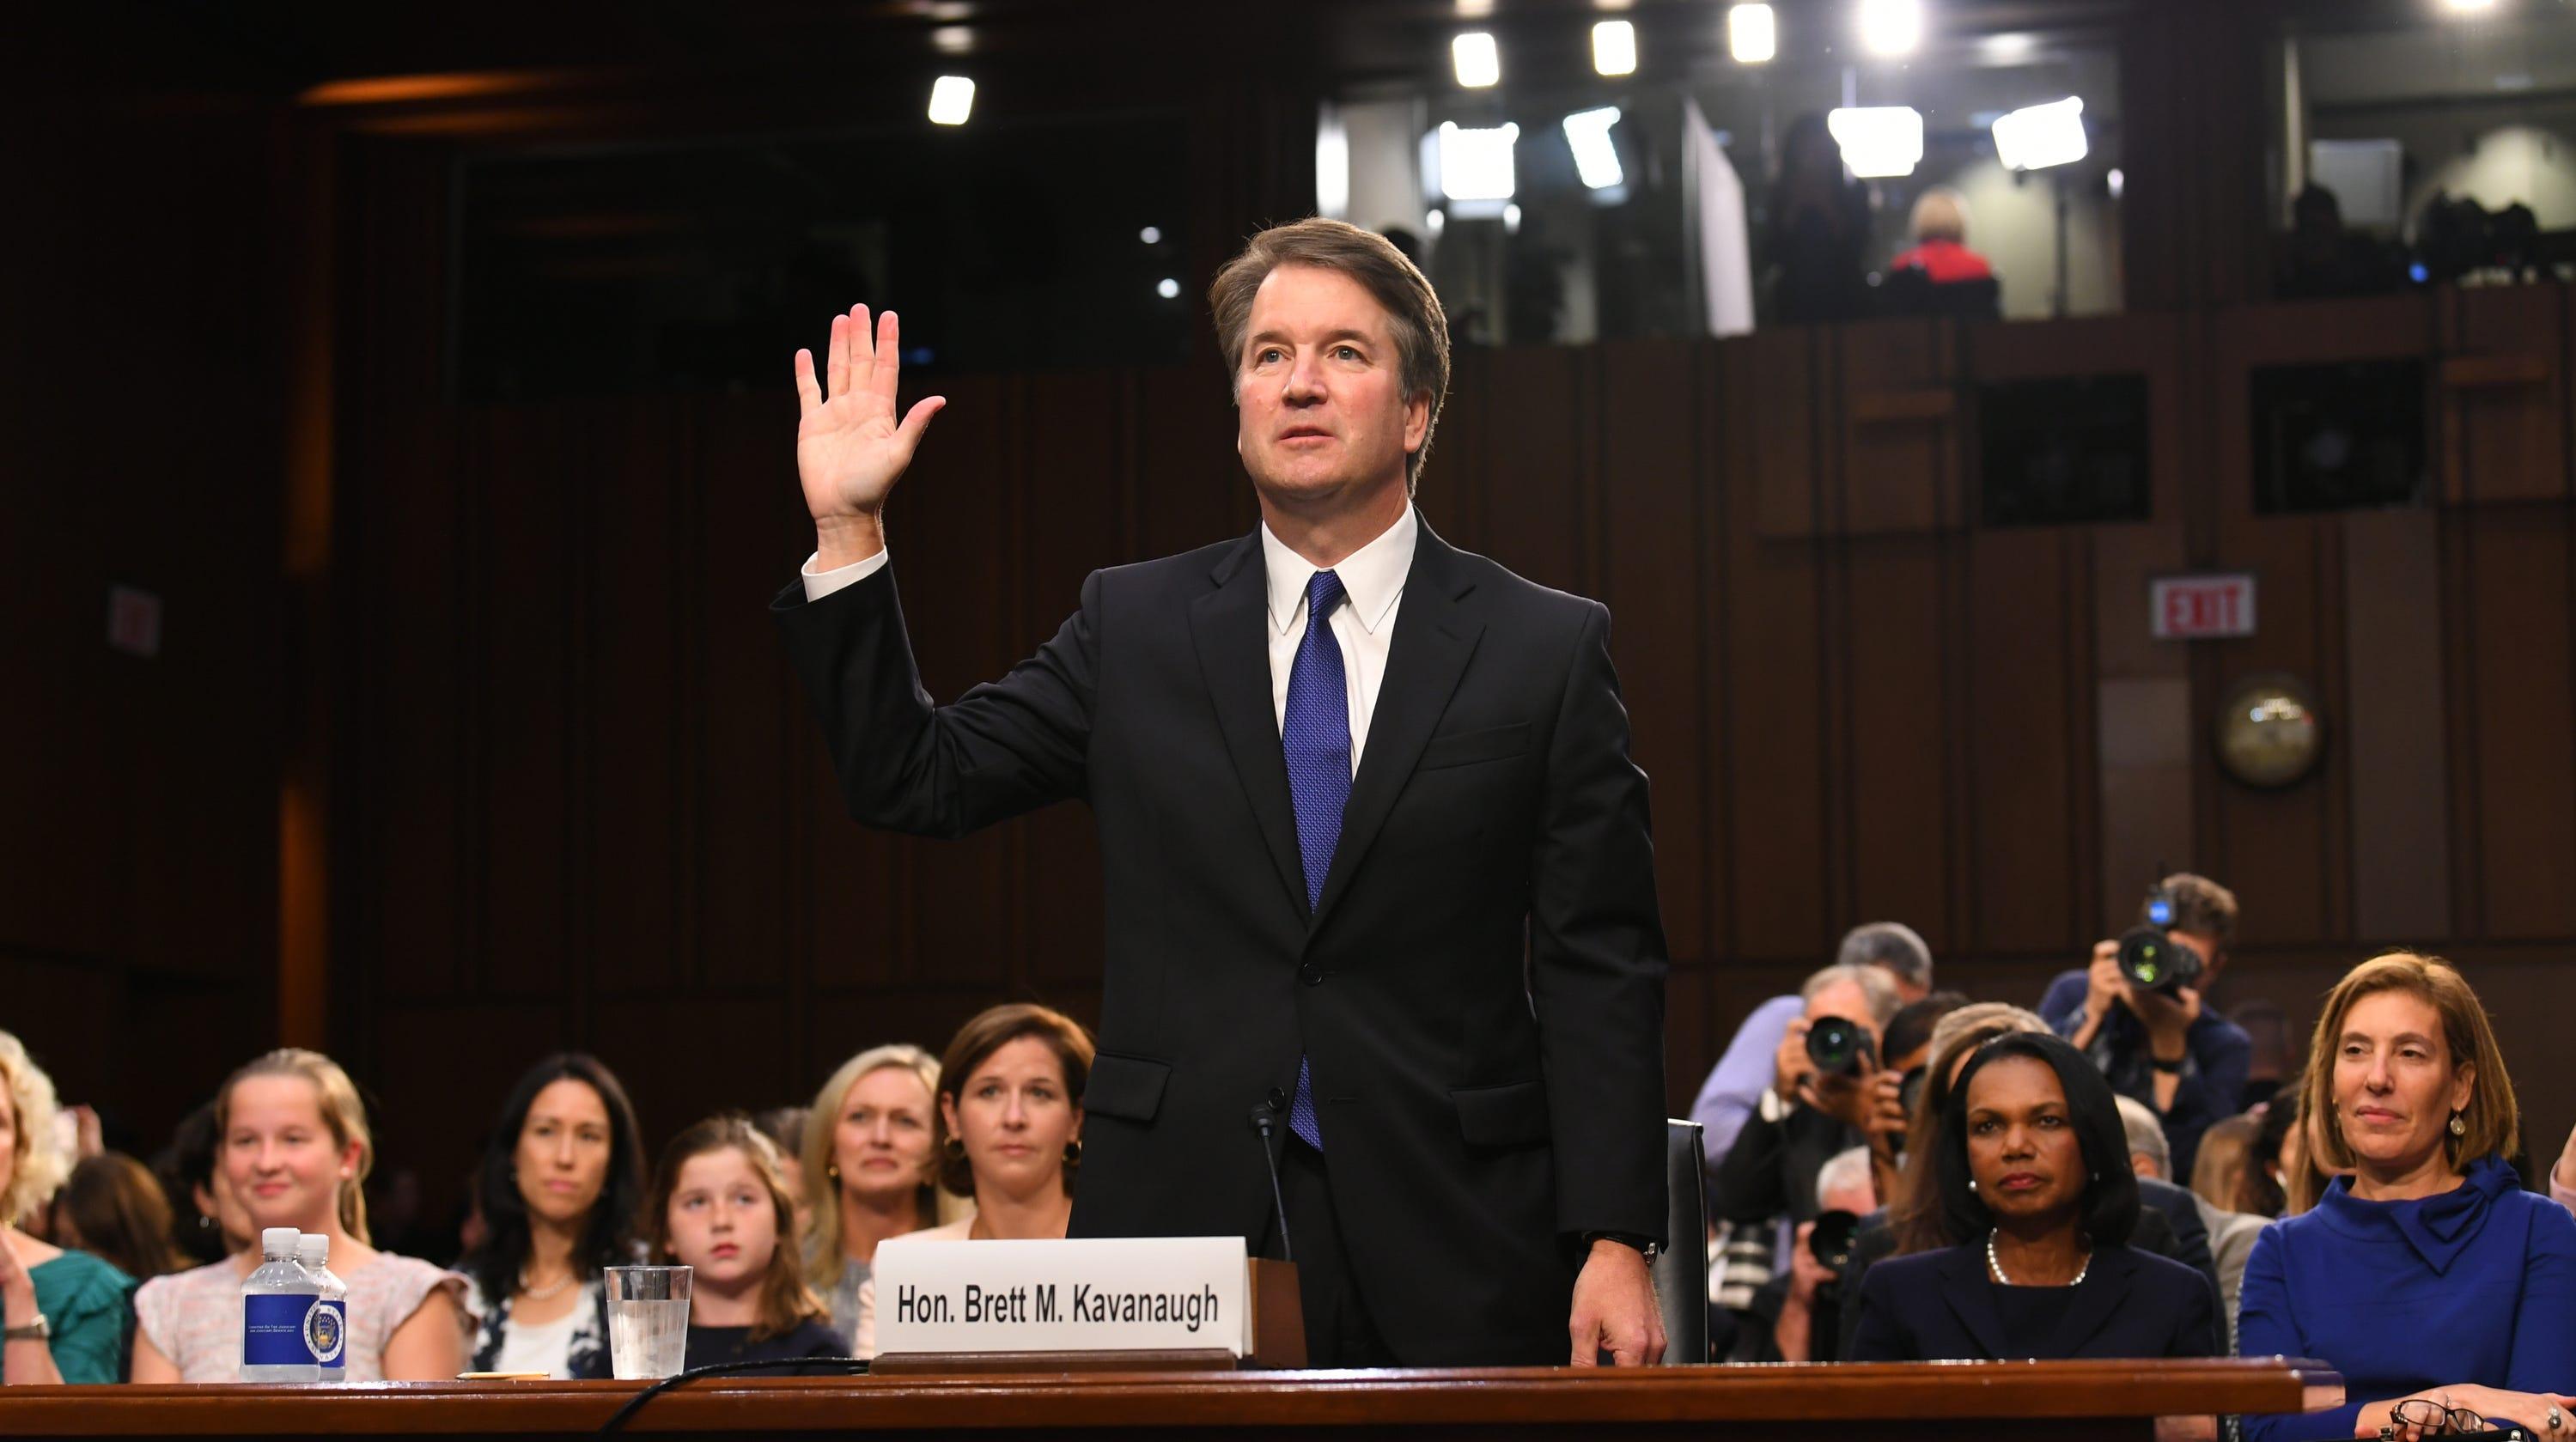 Supreme Court nominee Brett Kavanaugh is sworn in before the Senate Judiciary Committee last week.